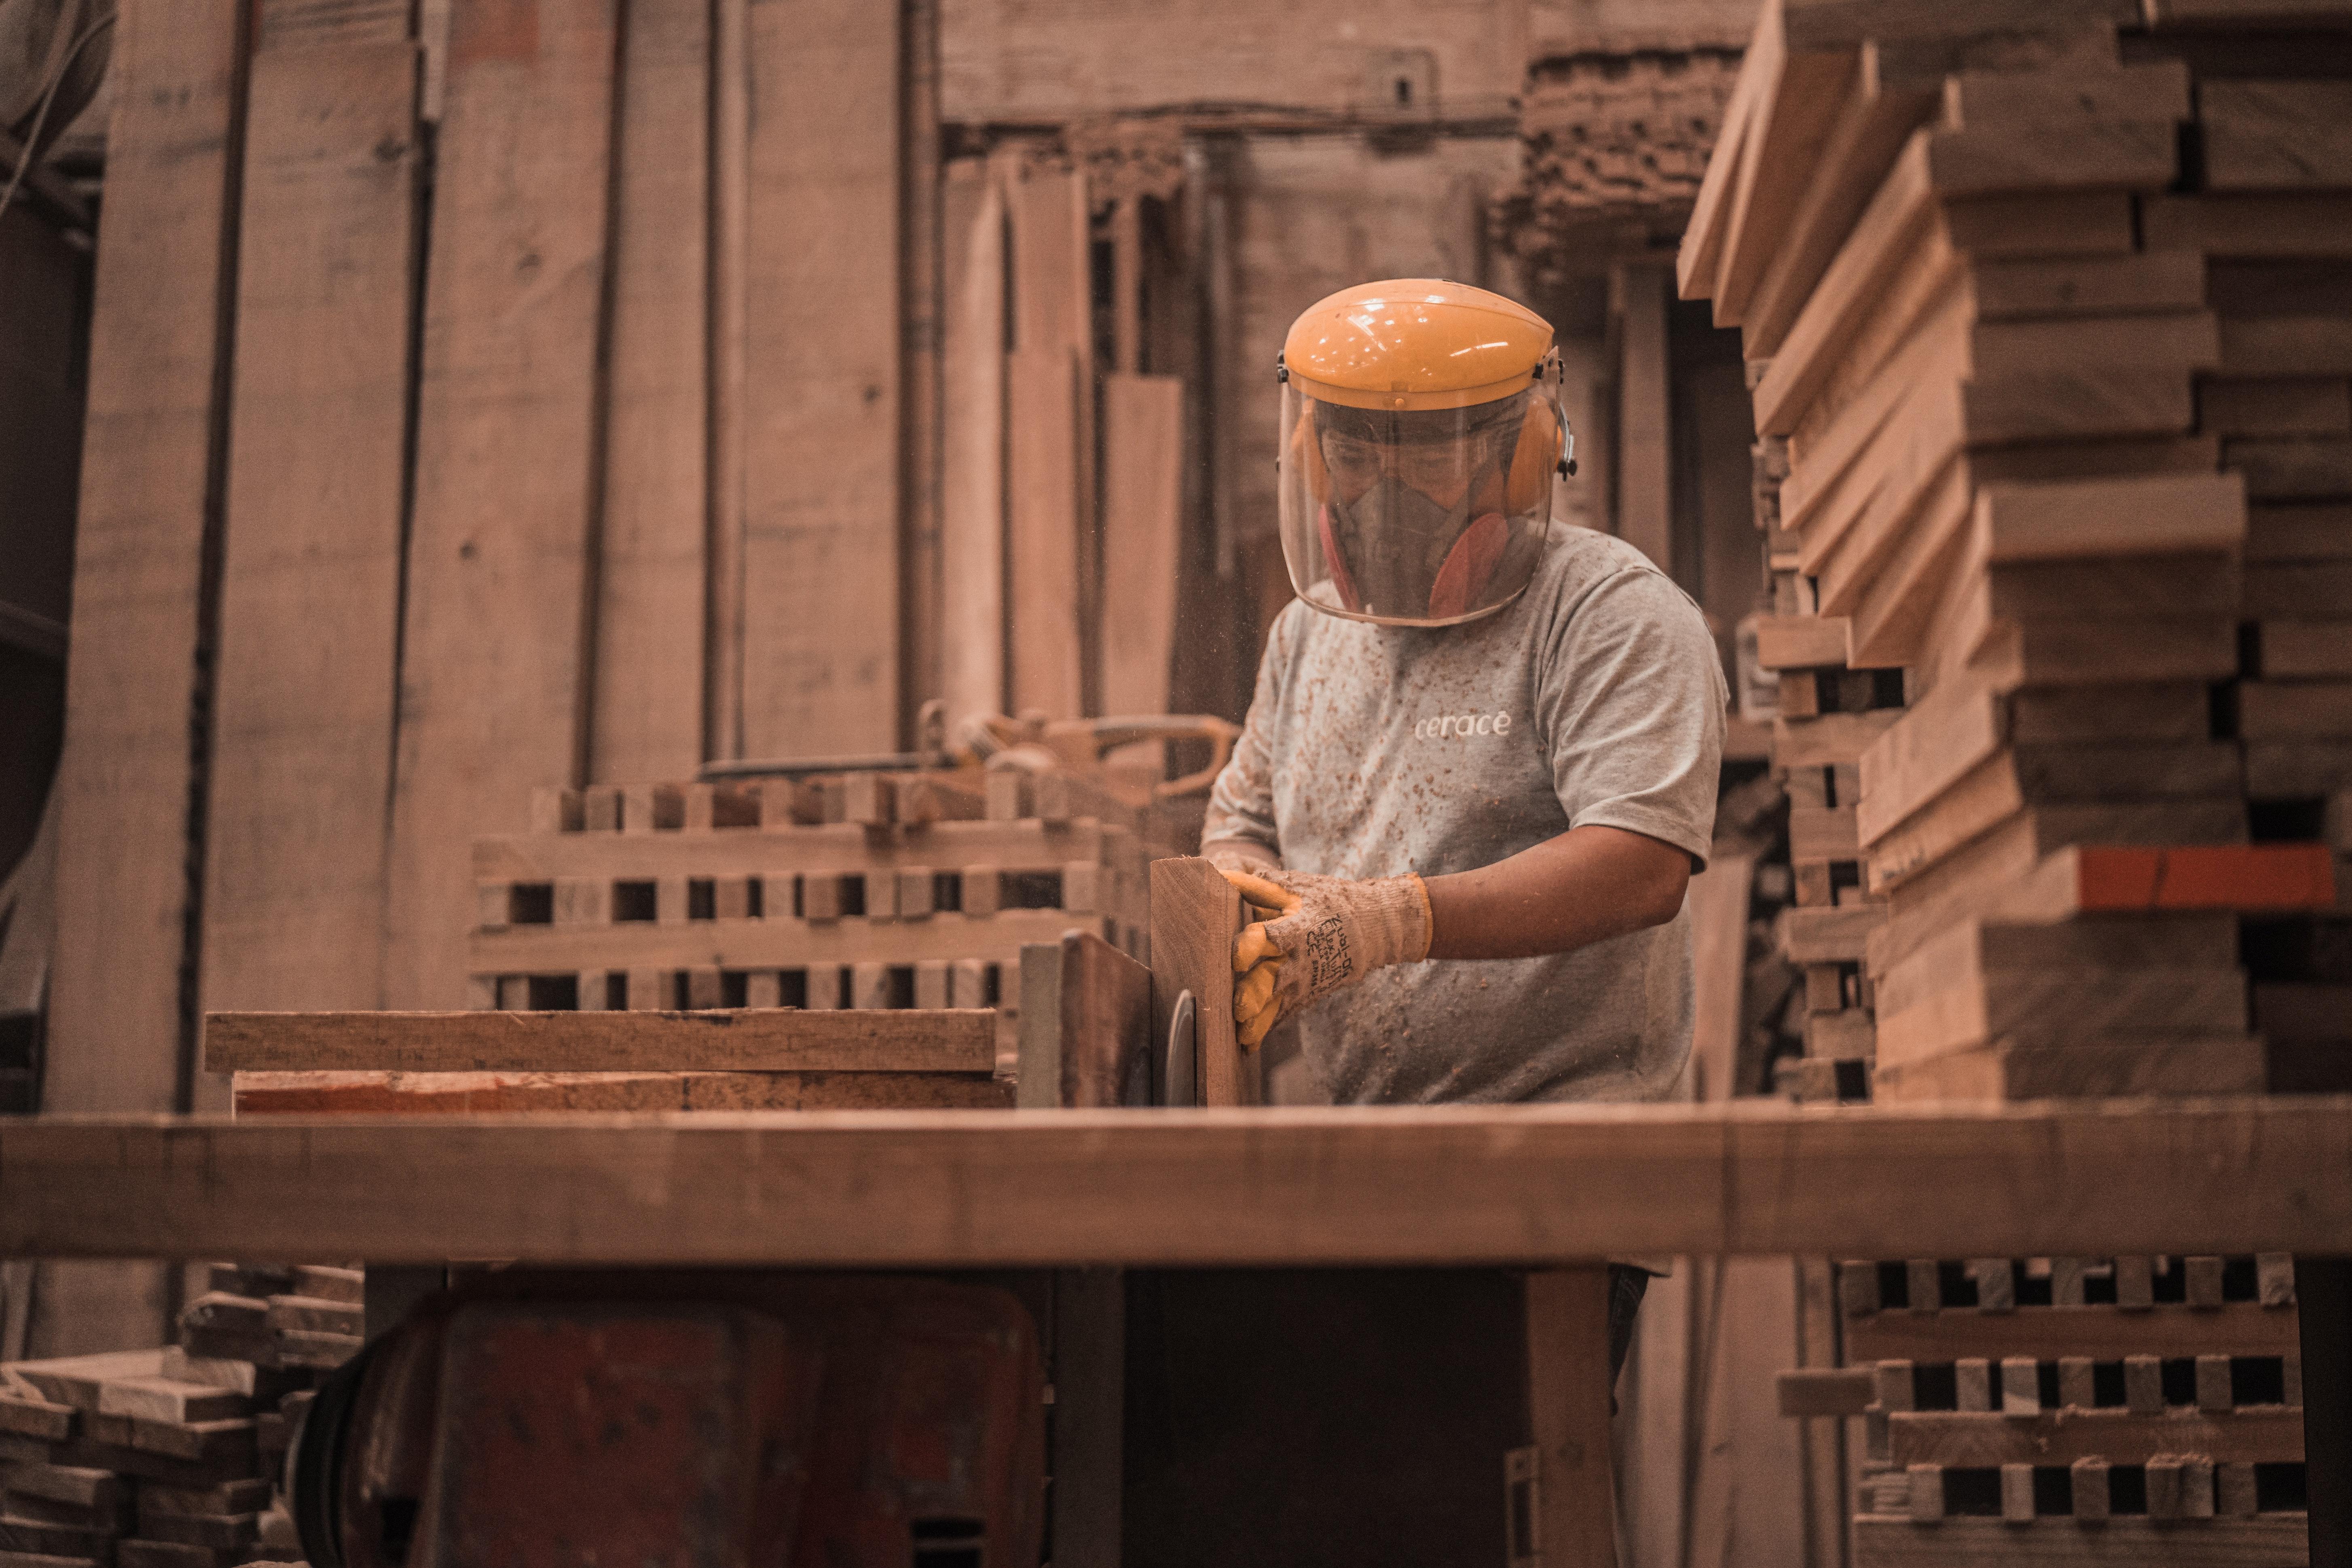 Pallet repairer